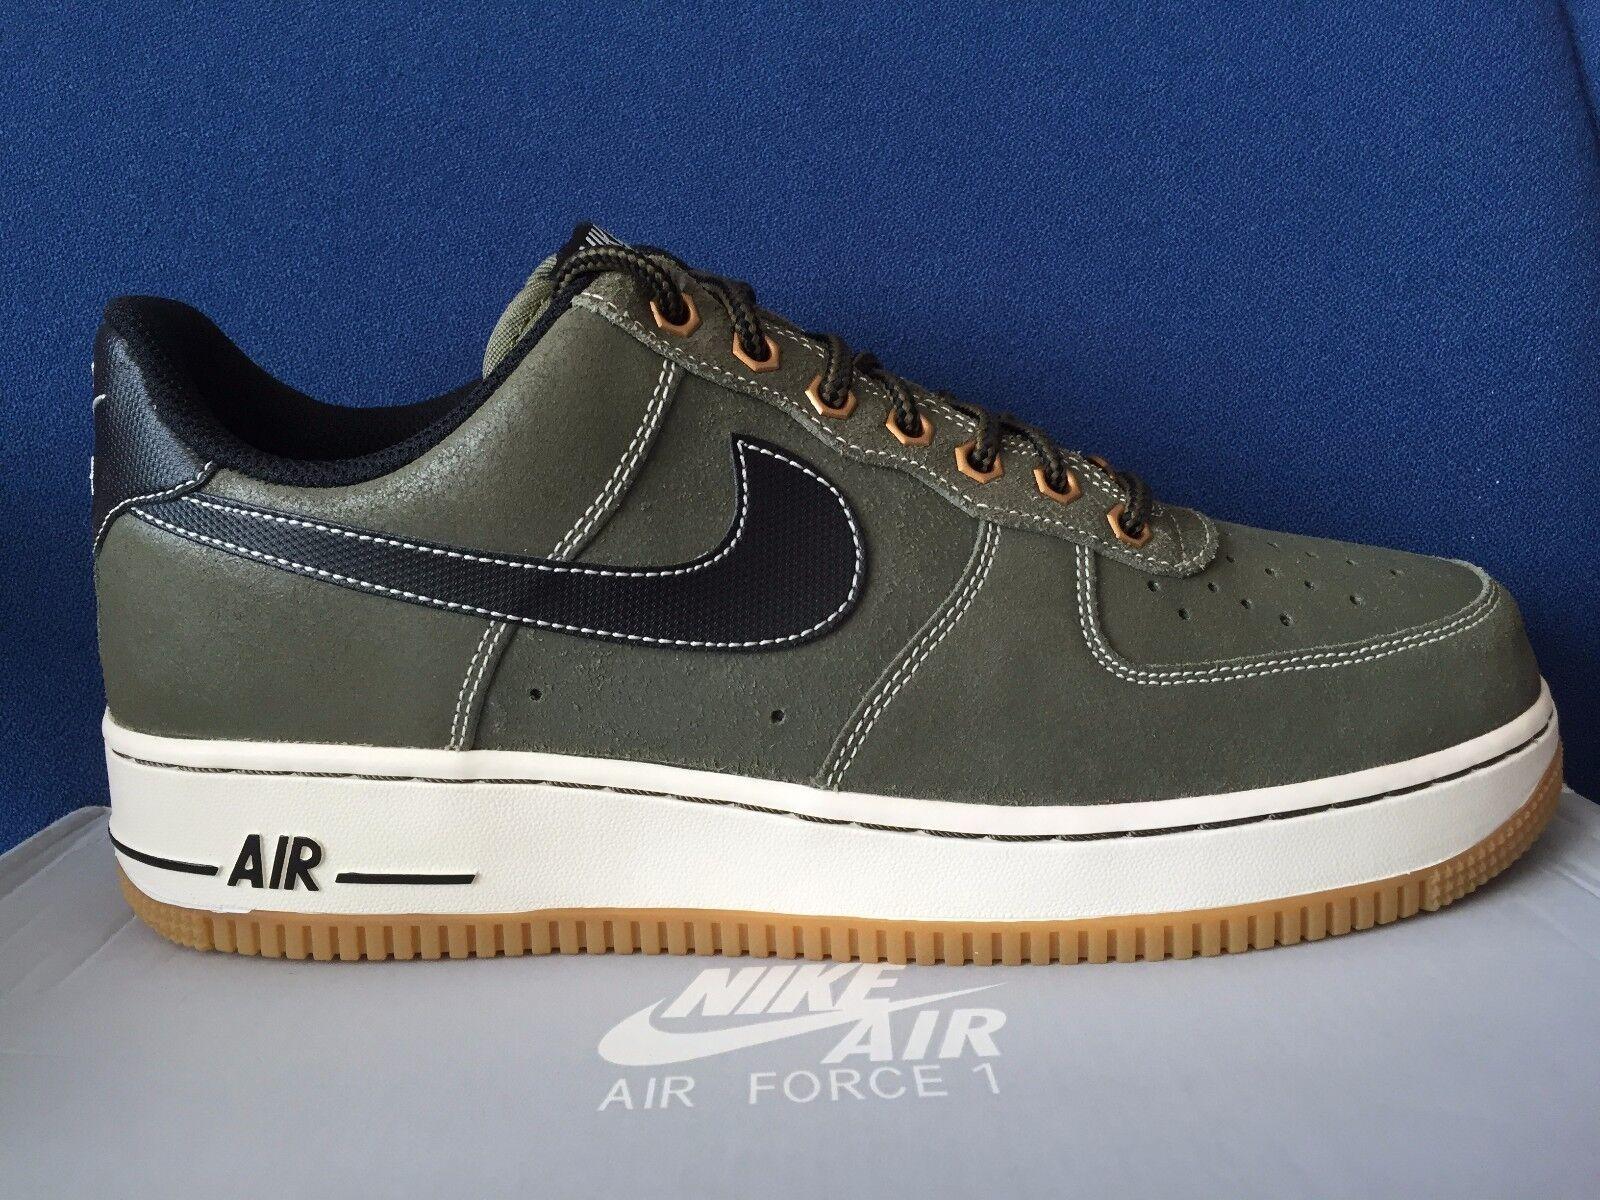 Nike air force 1 basso olive sz 9 nero brown foamposite uno stivale 488298-206 ridotta